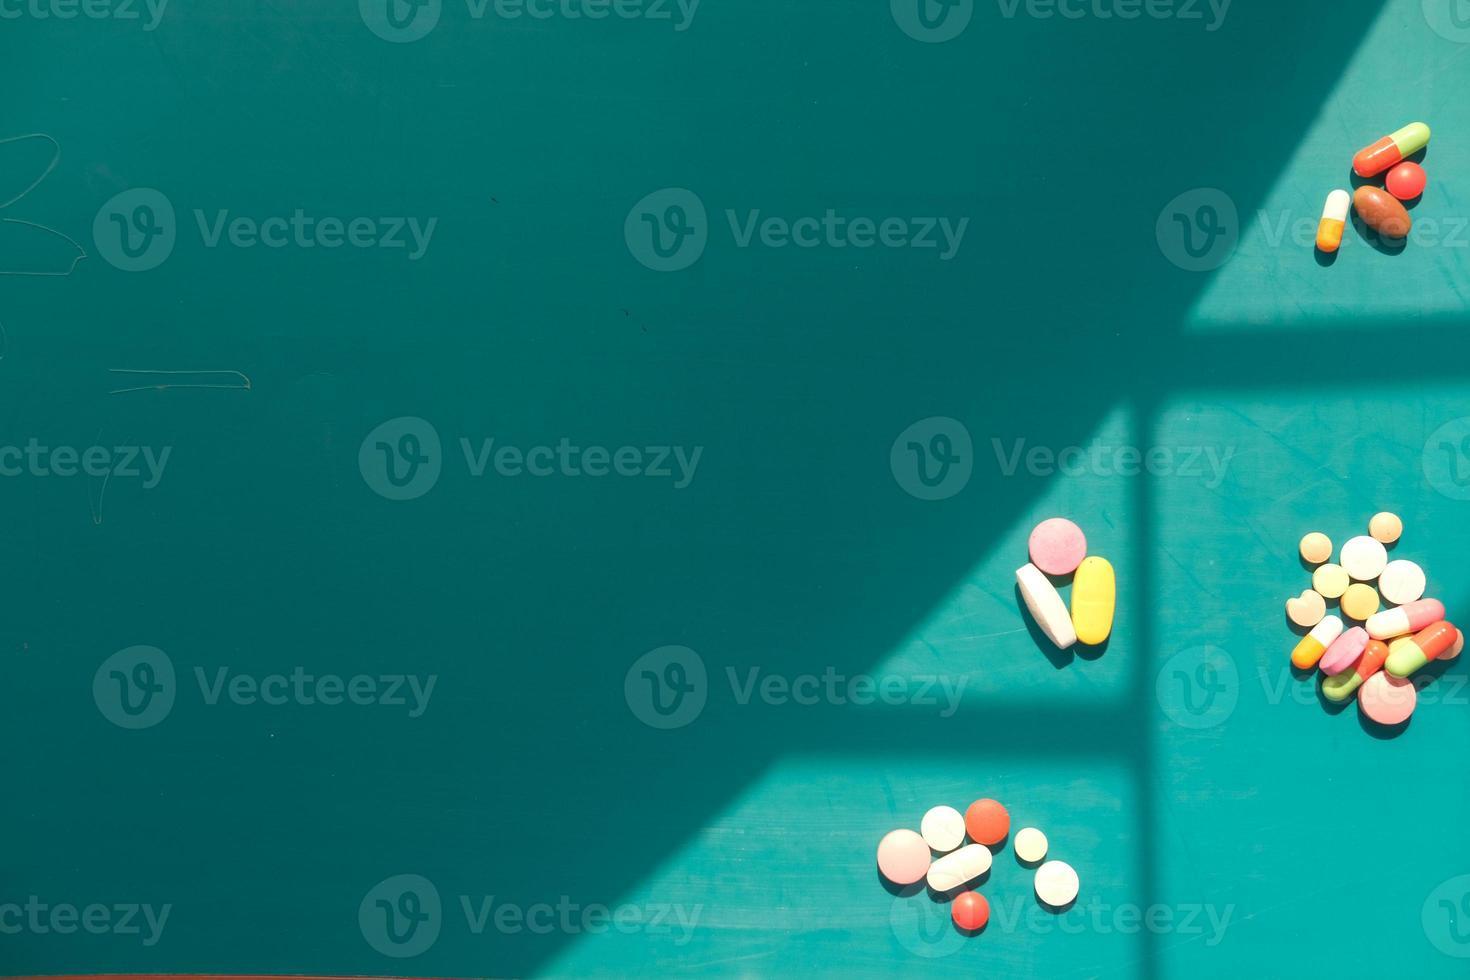 färgglada piller och kapslar på grön bakgrund foto